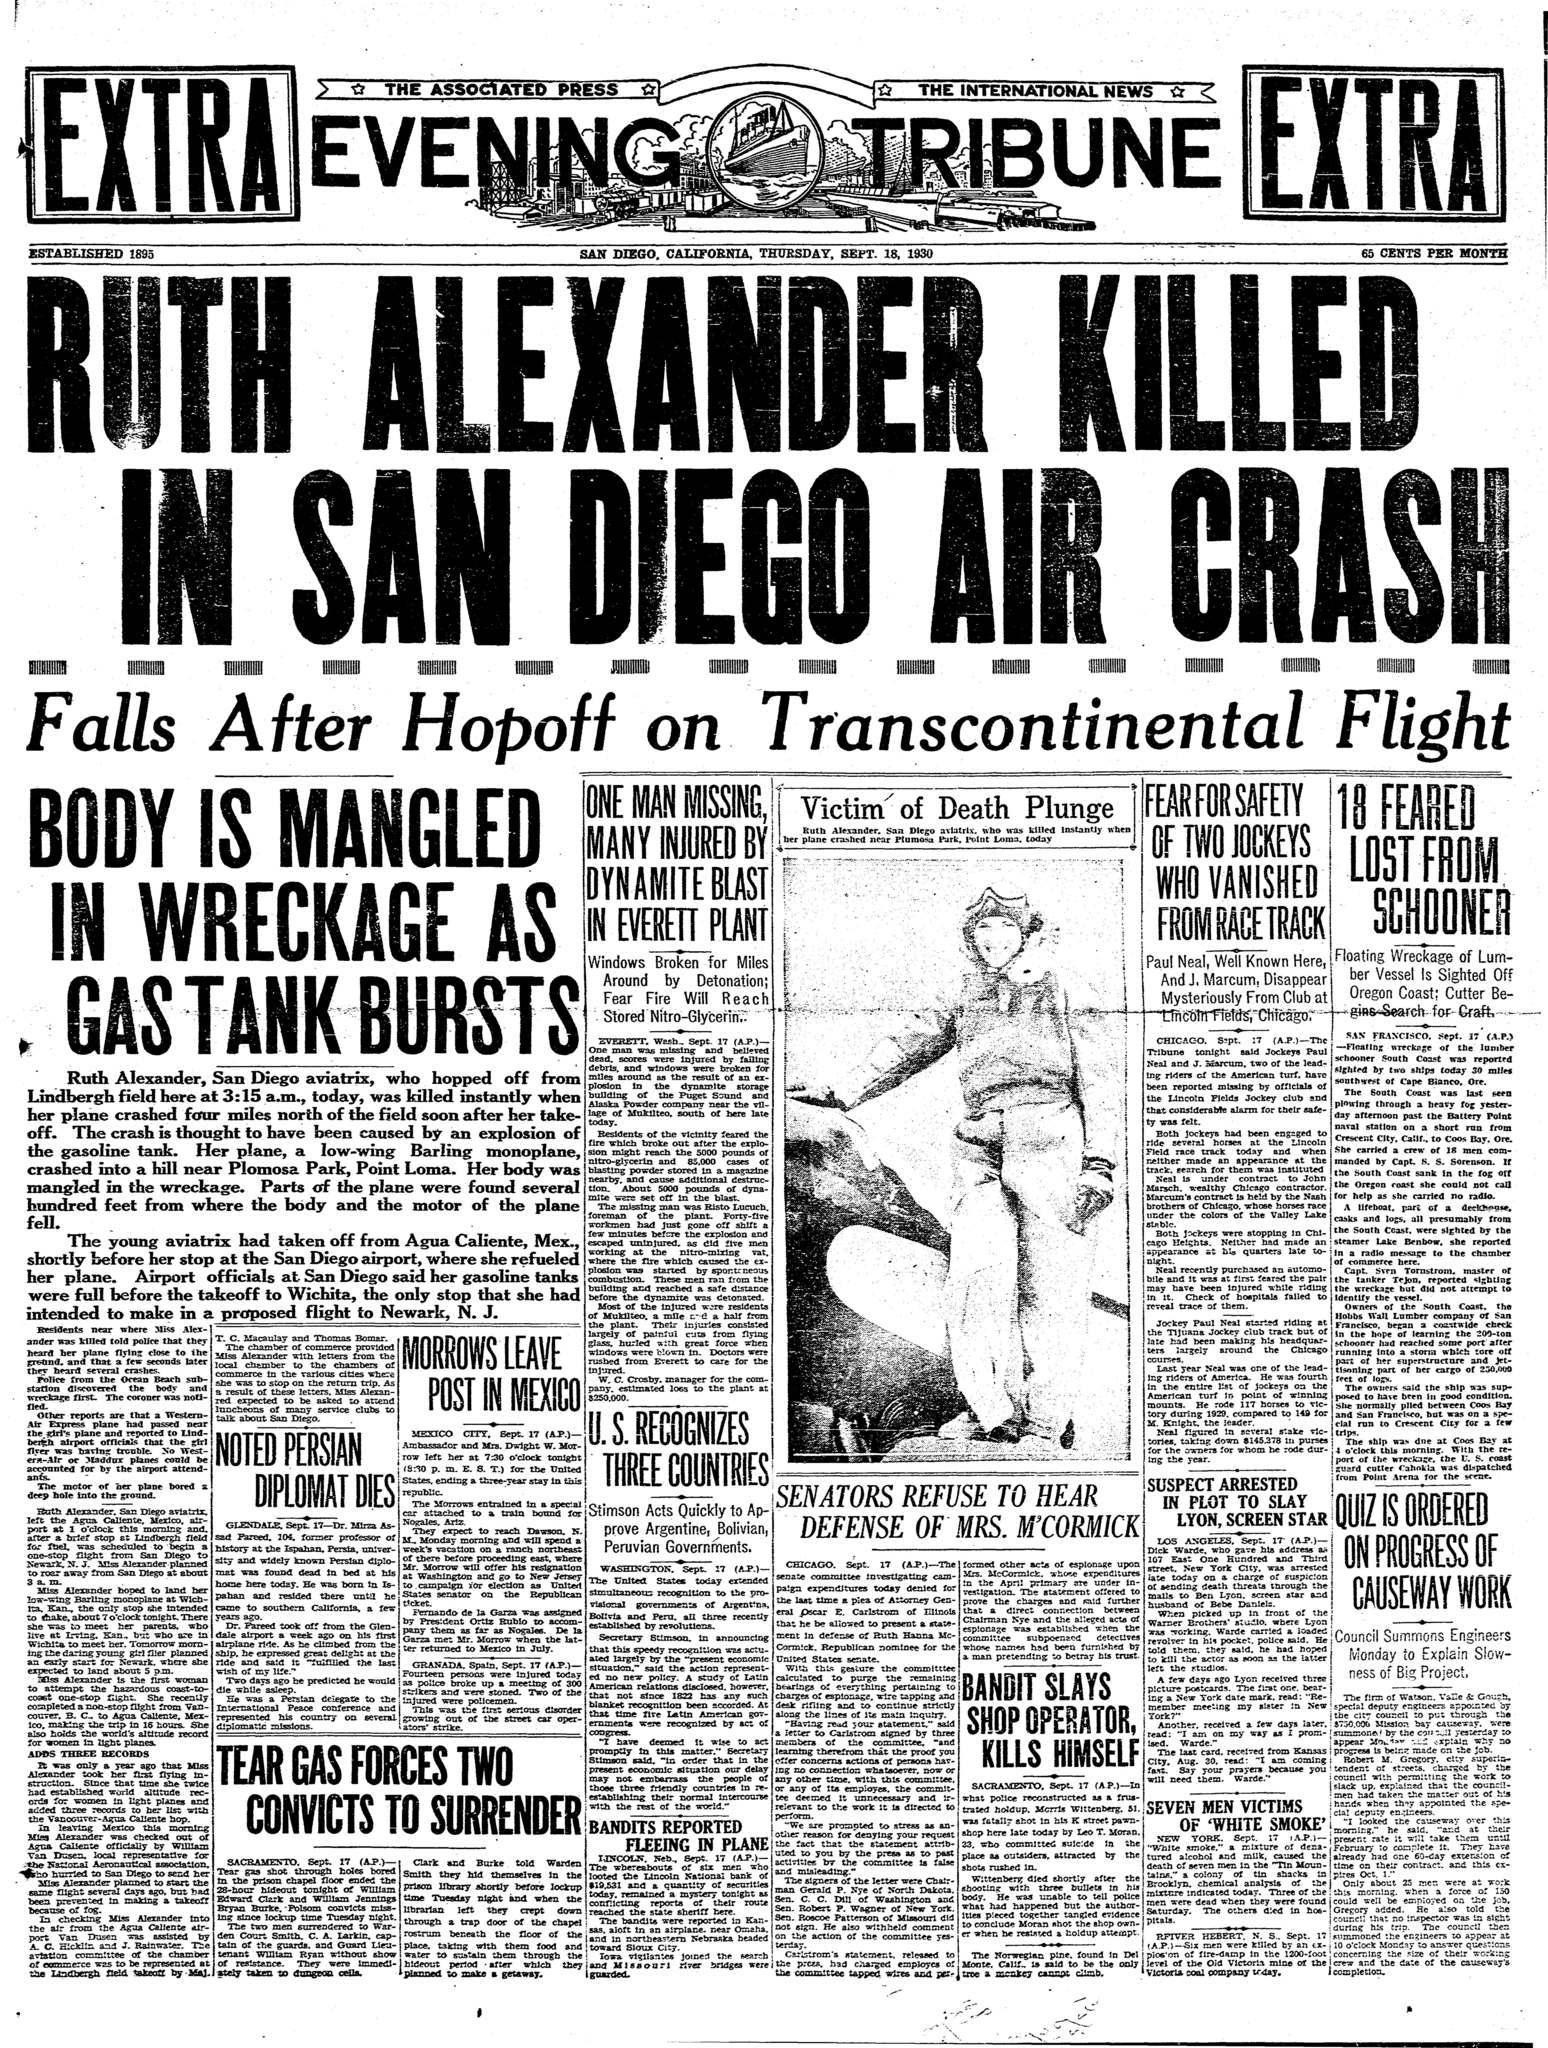 September 18, 1930